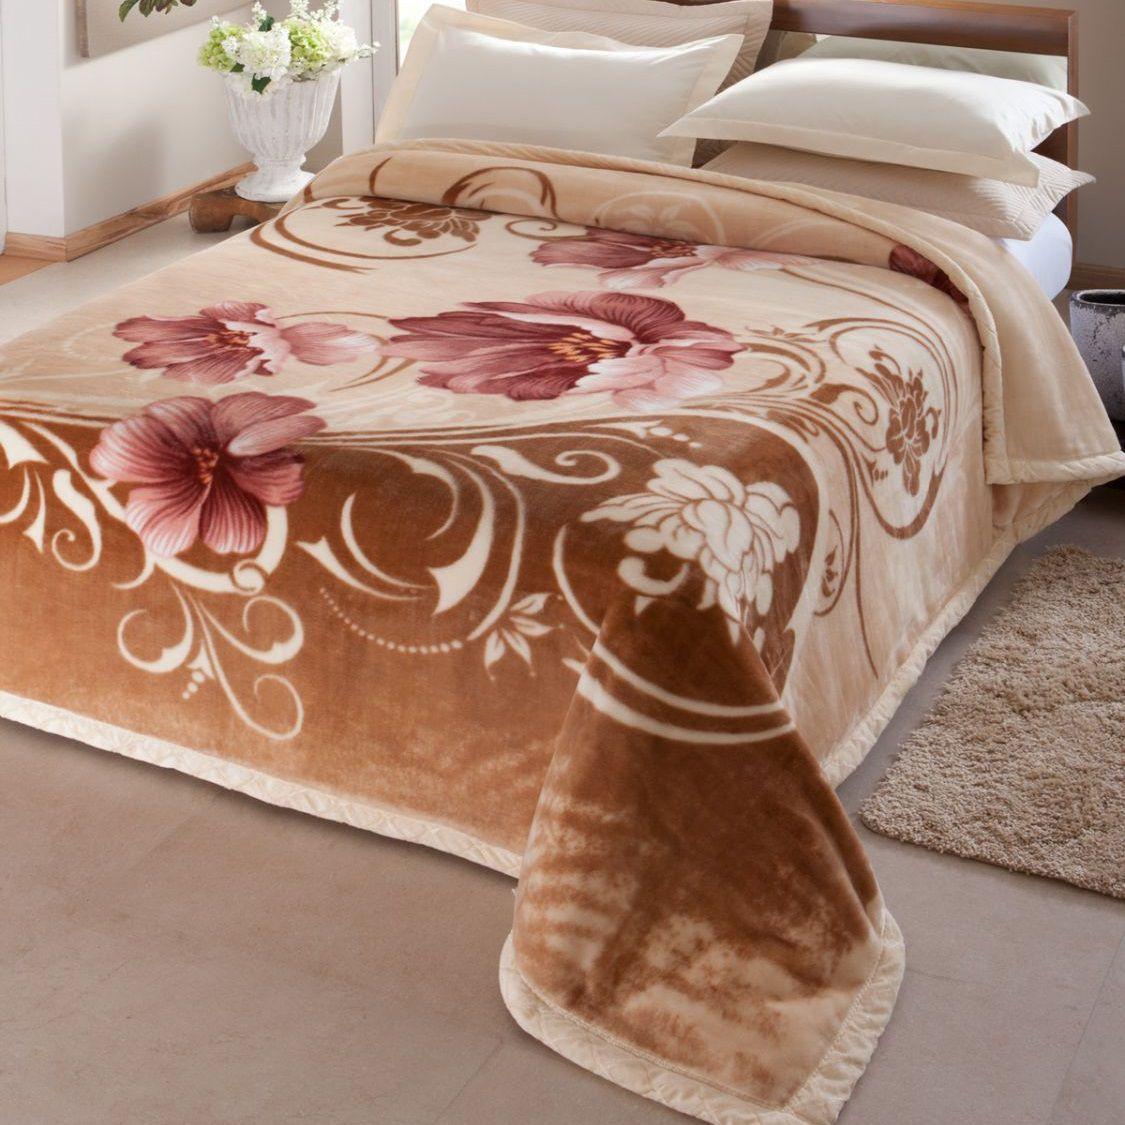 Cobertor Jolitex King Dupla Face Raschel Double Luxor